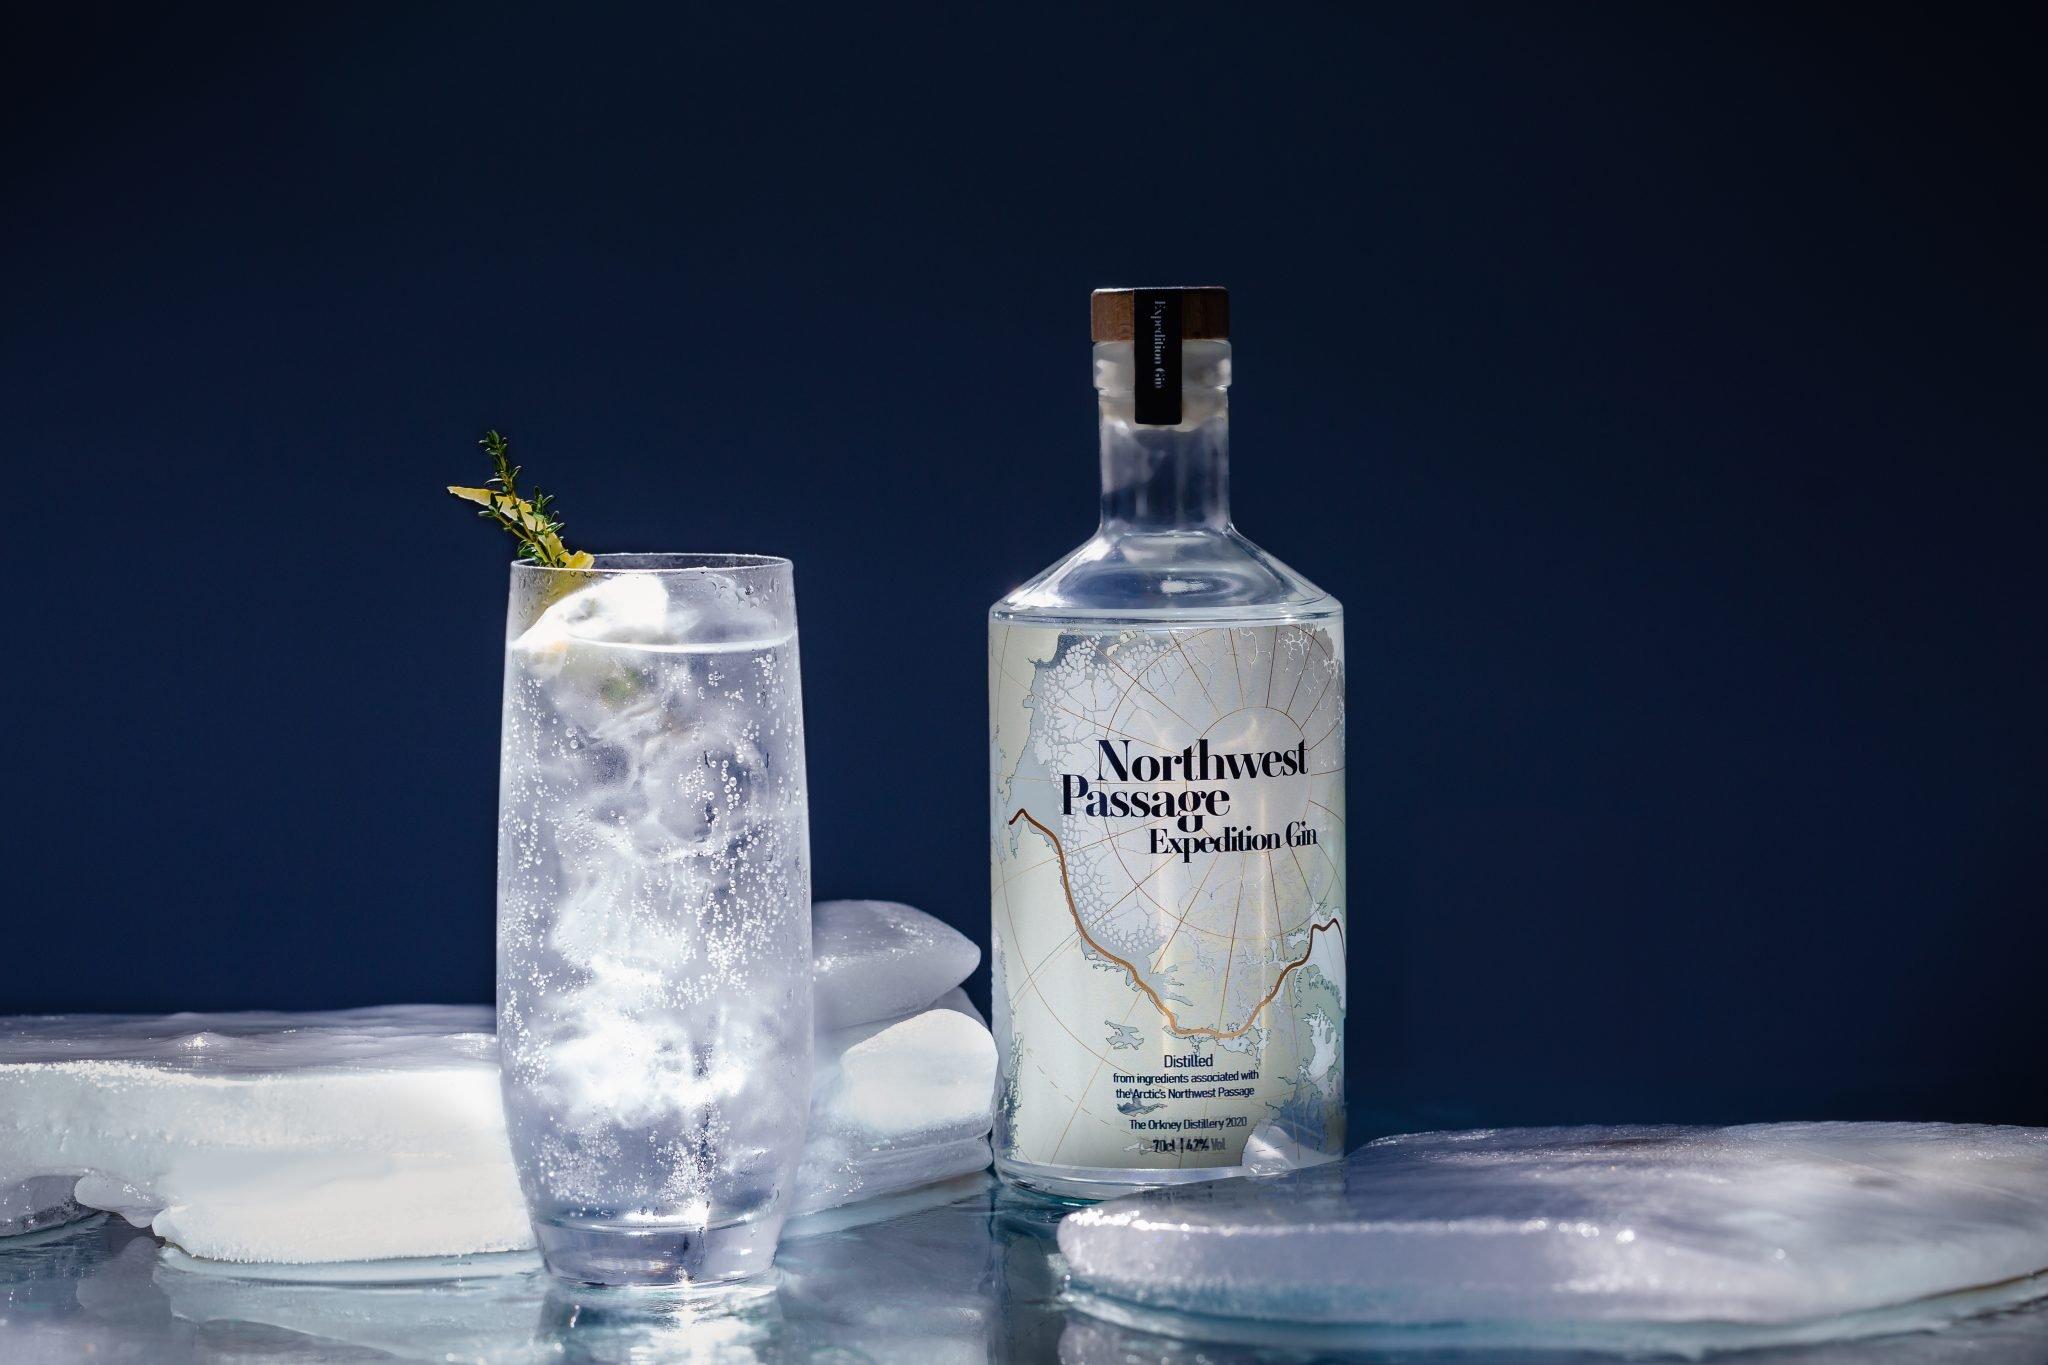 Northwest Passage Expedition Gin new British gin brands